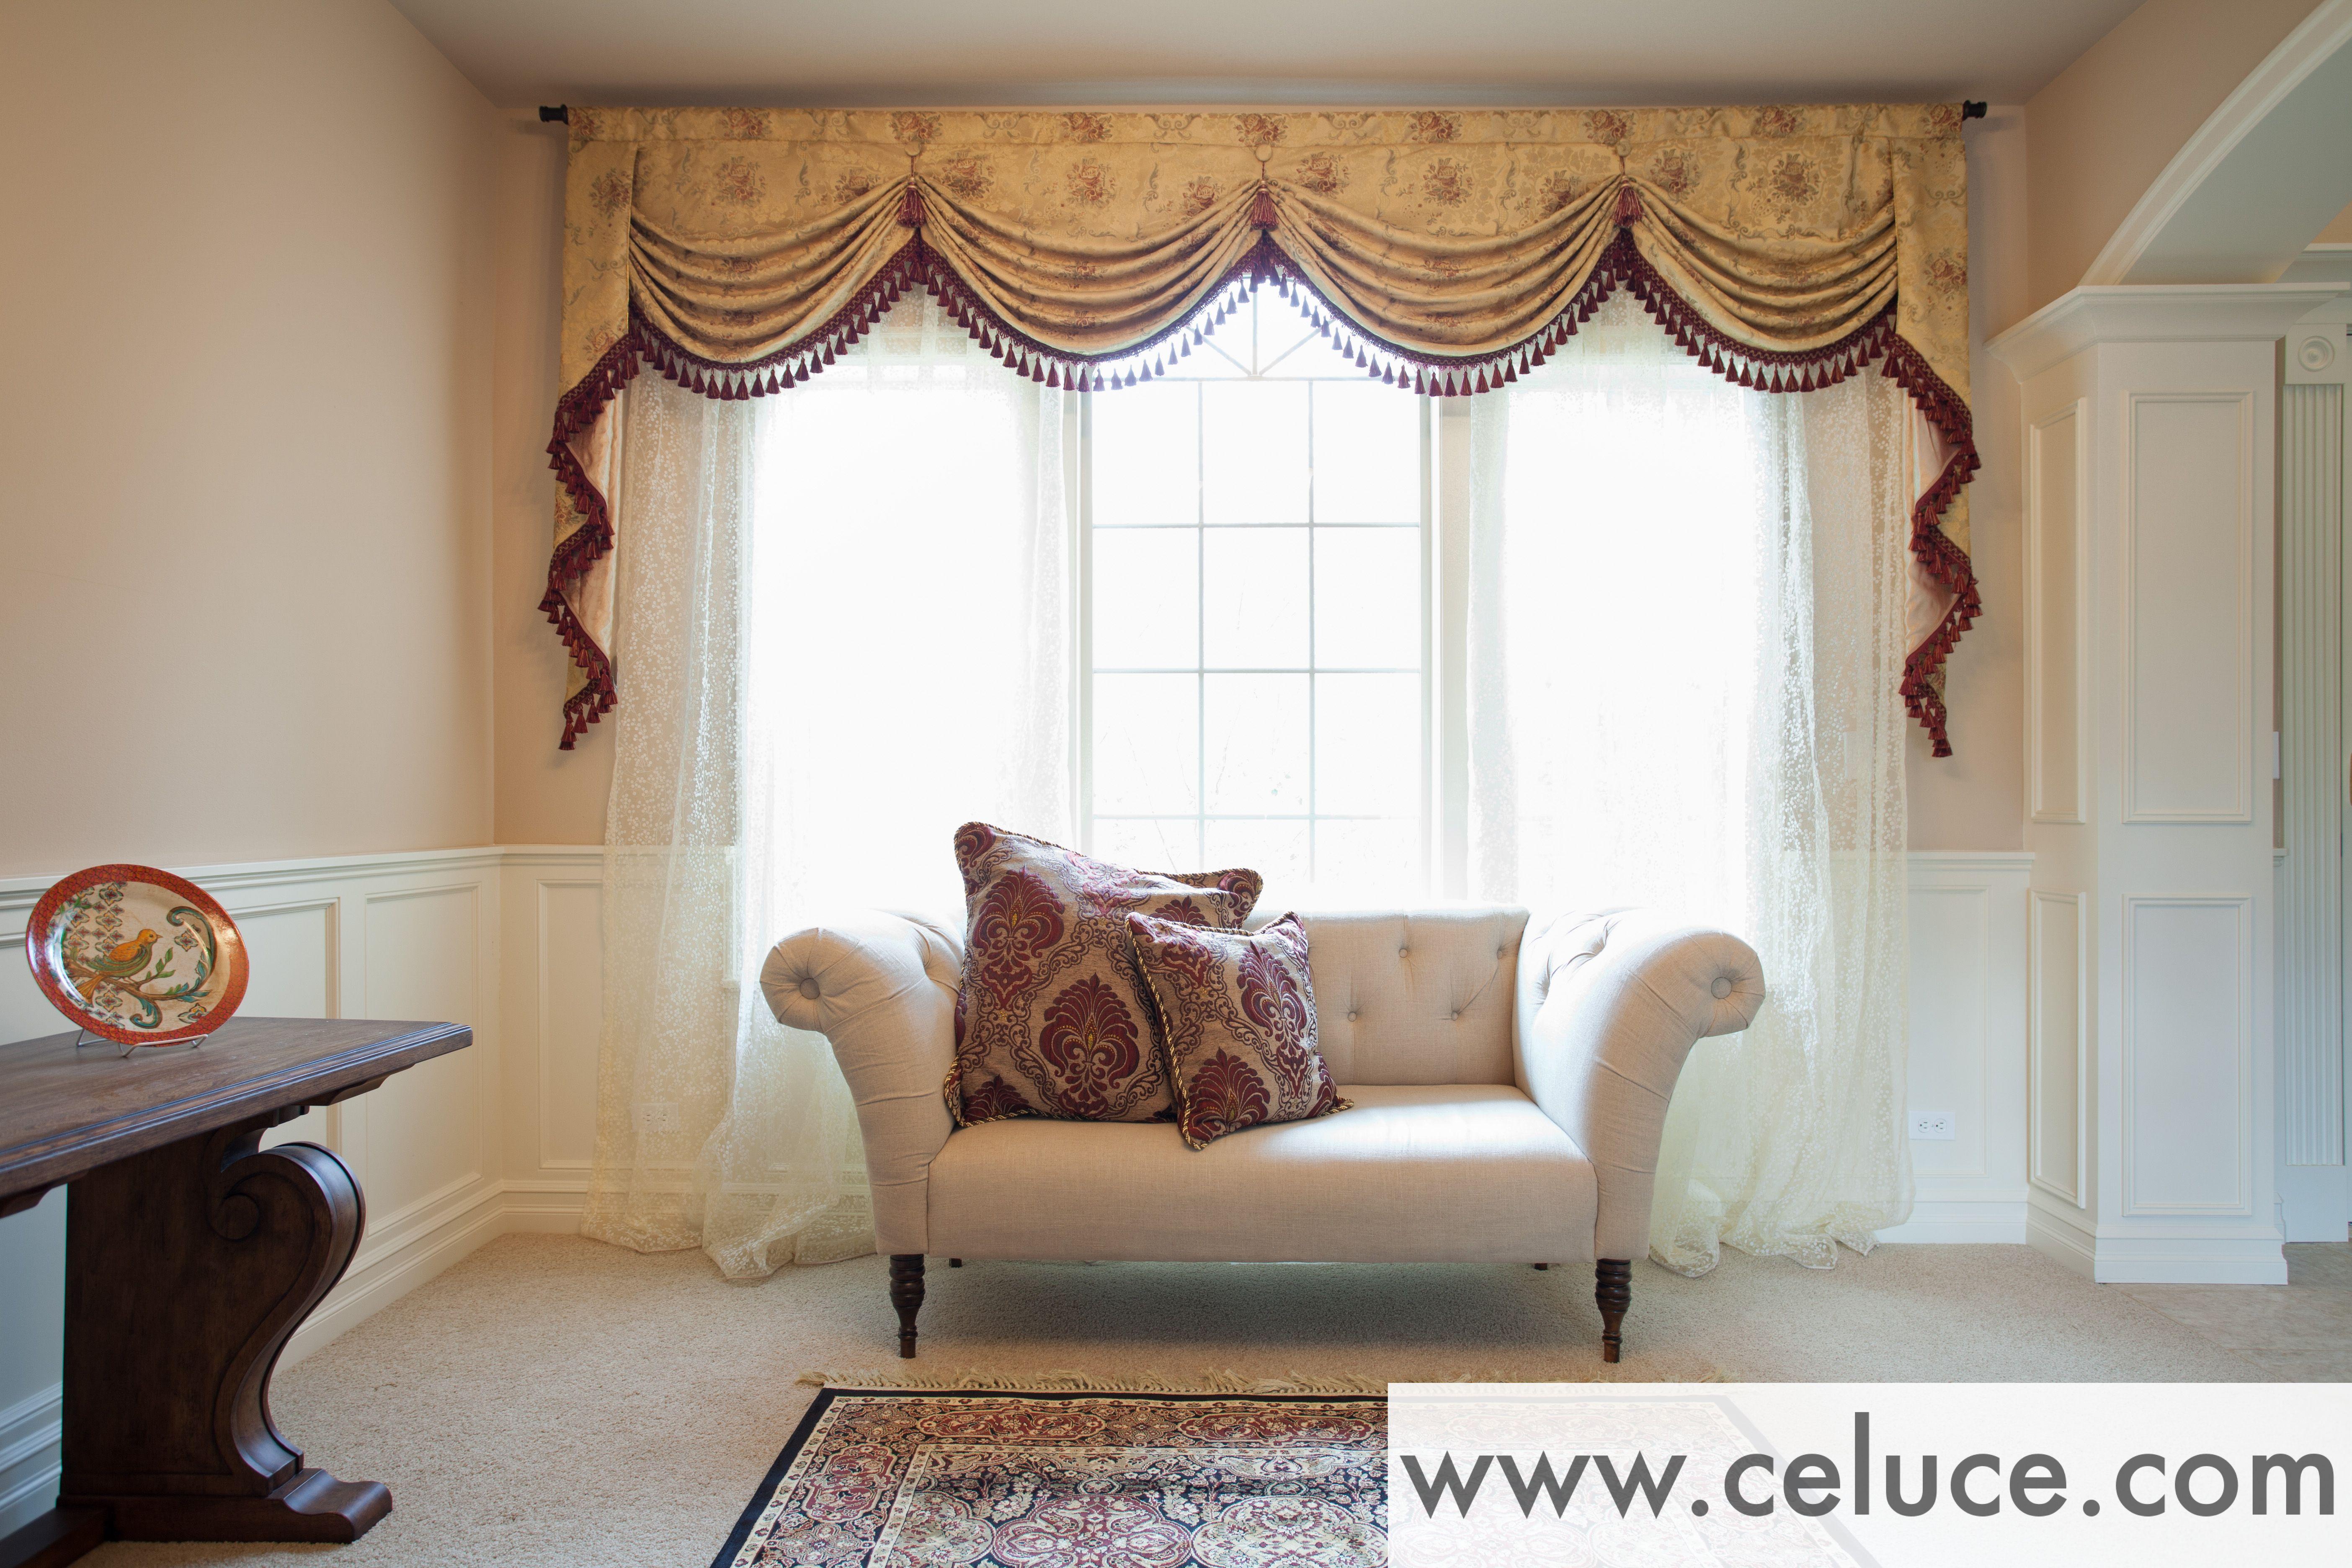 pinceluce design on elegant curtainsceluce